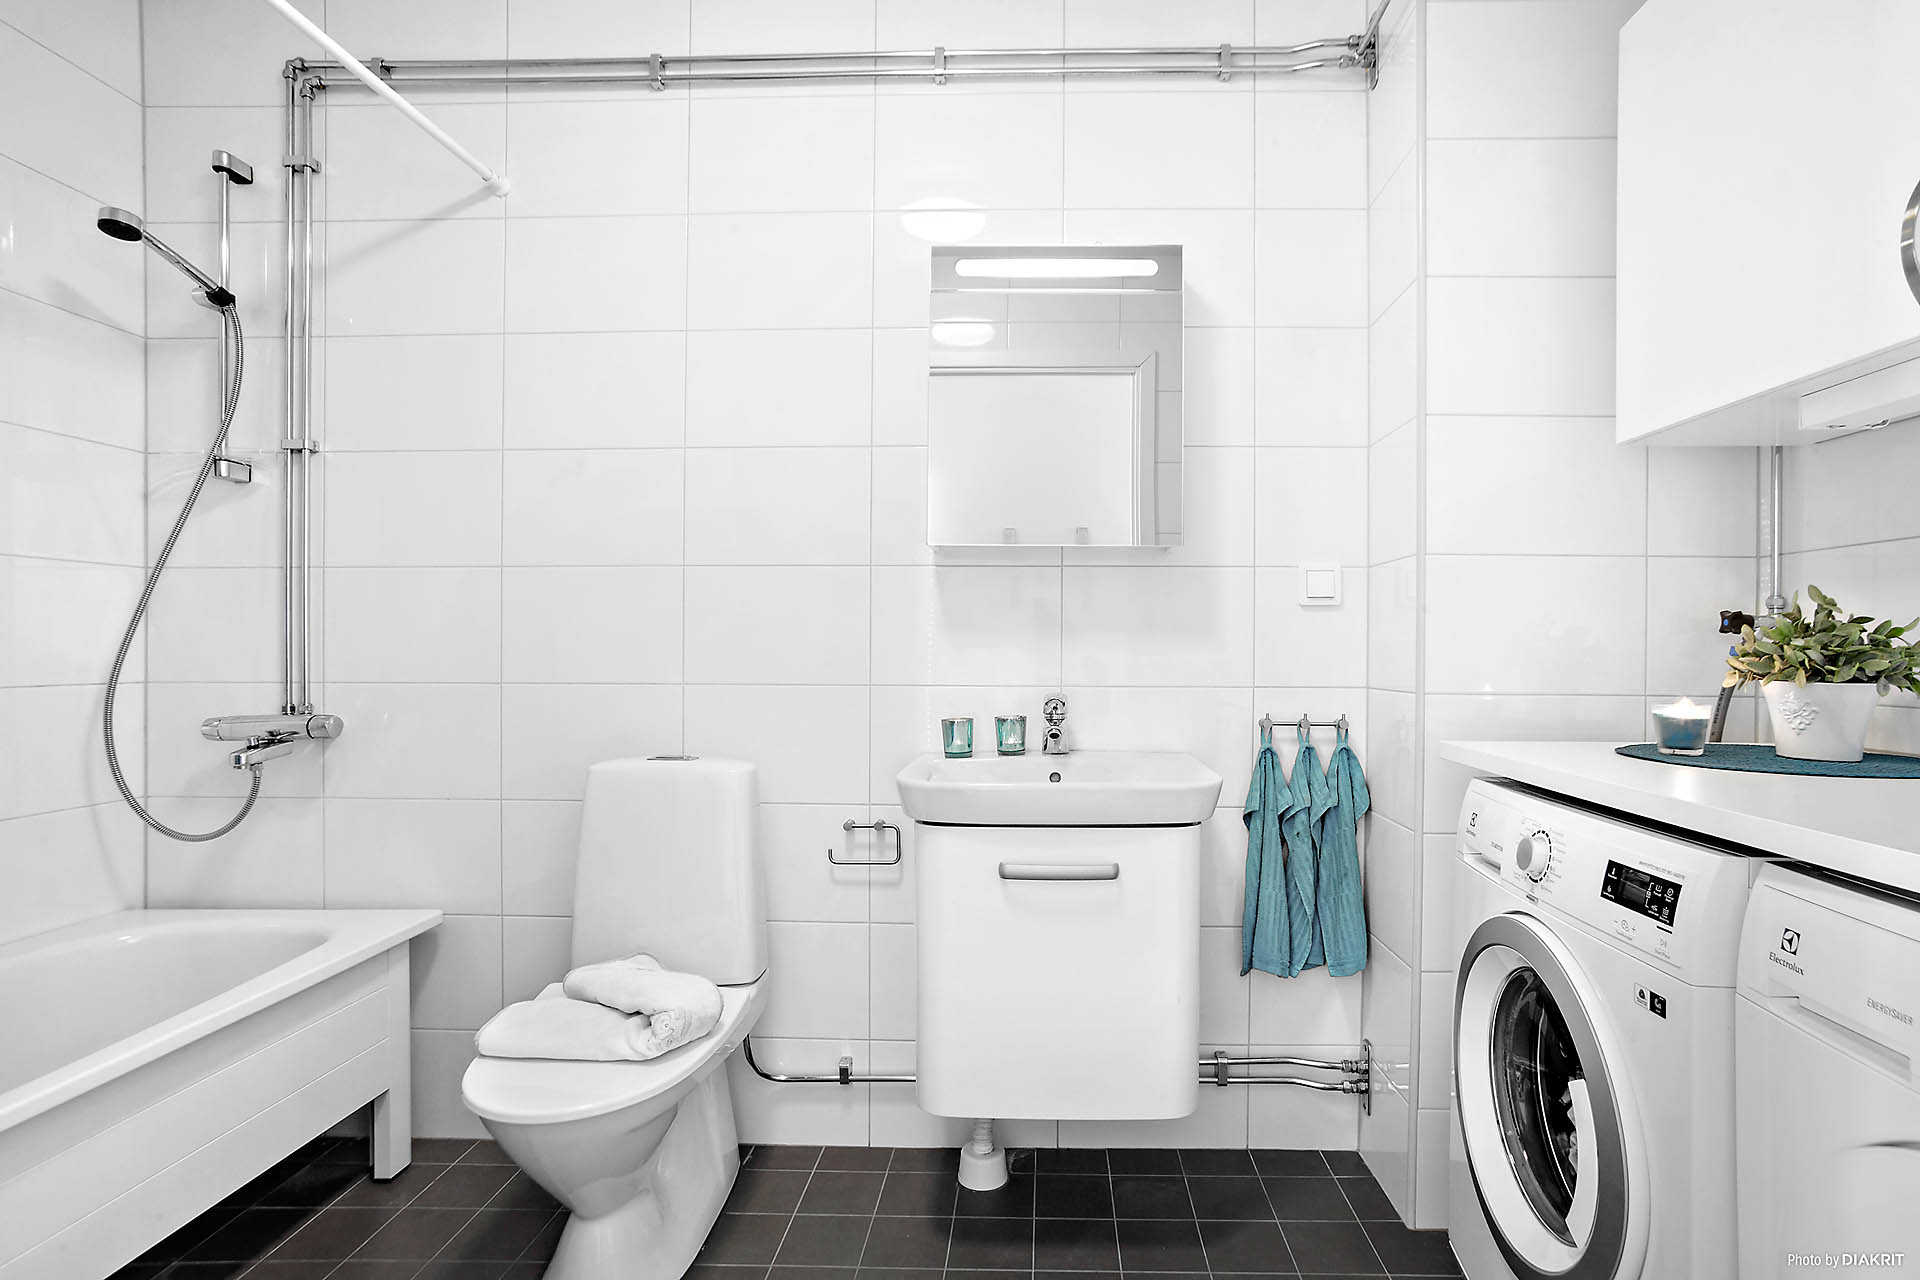 Helkaklat badrum med golvvärme på entréplan